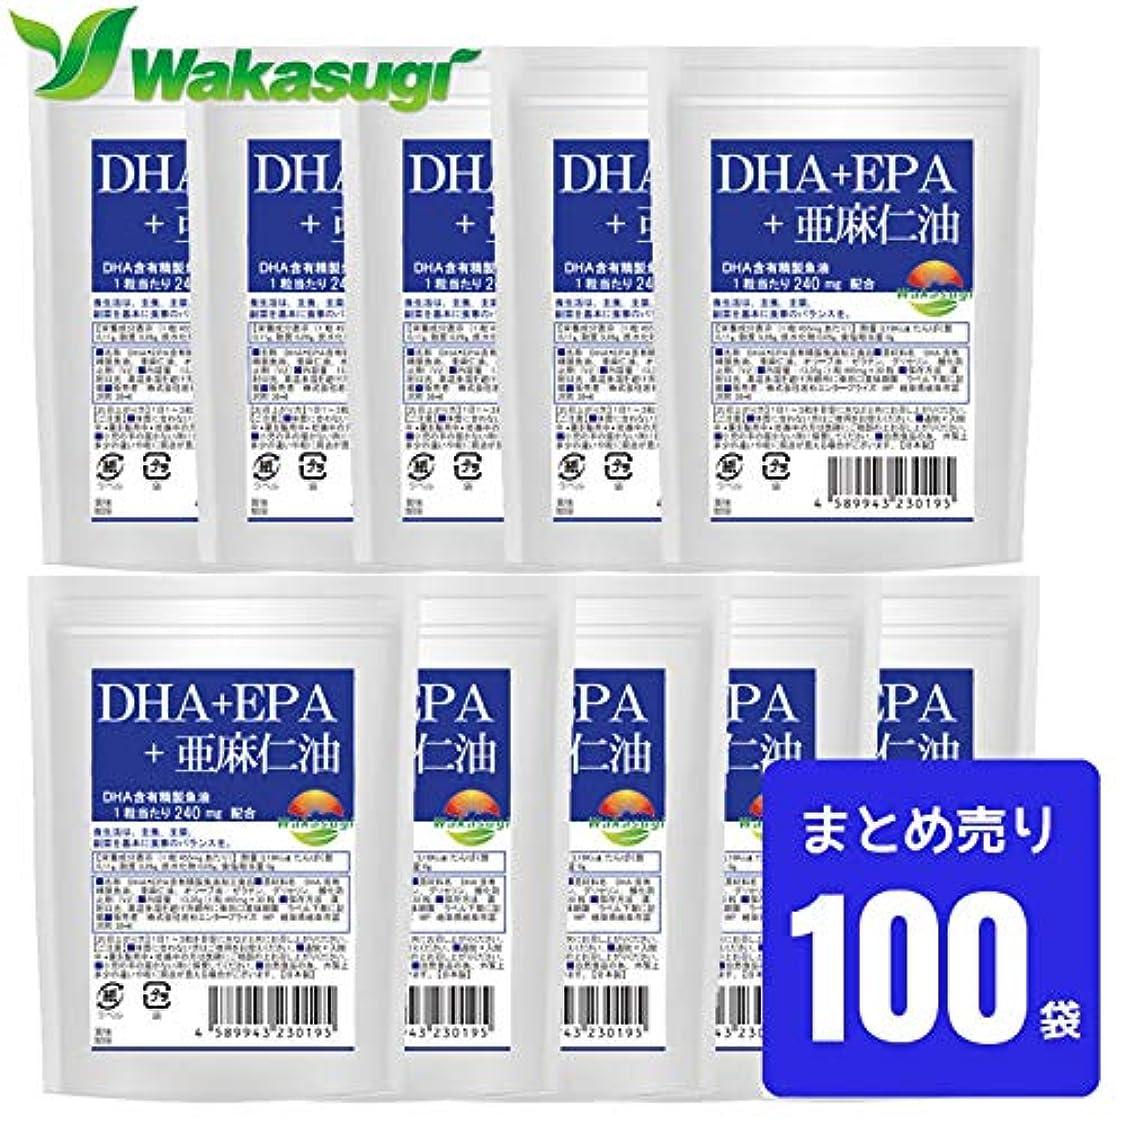 コンプリート真実確認してくださいDHA+EPA+亜麻仁油 ソフトカプセル30粒 100袋 合計3,000粒 まとめ売り